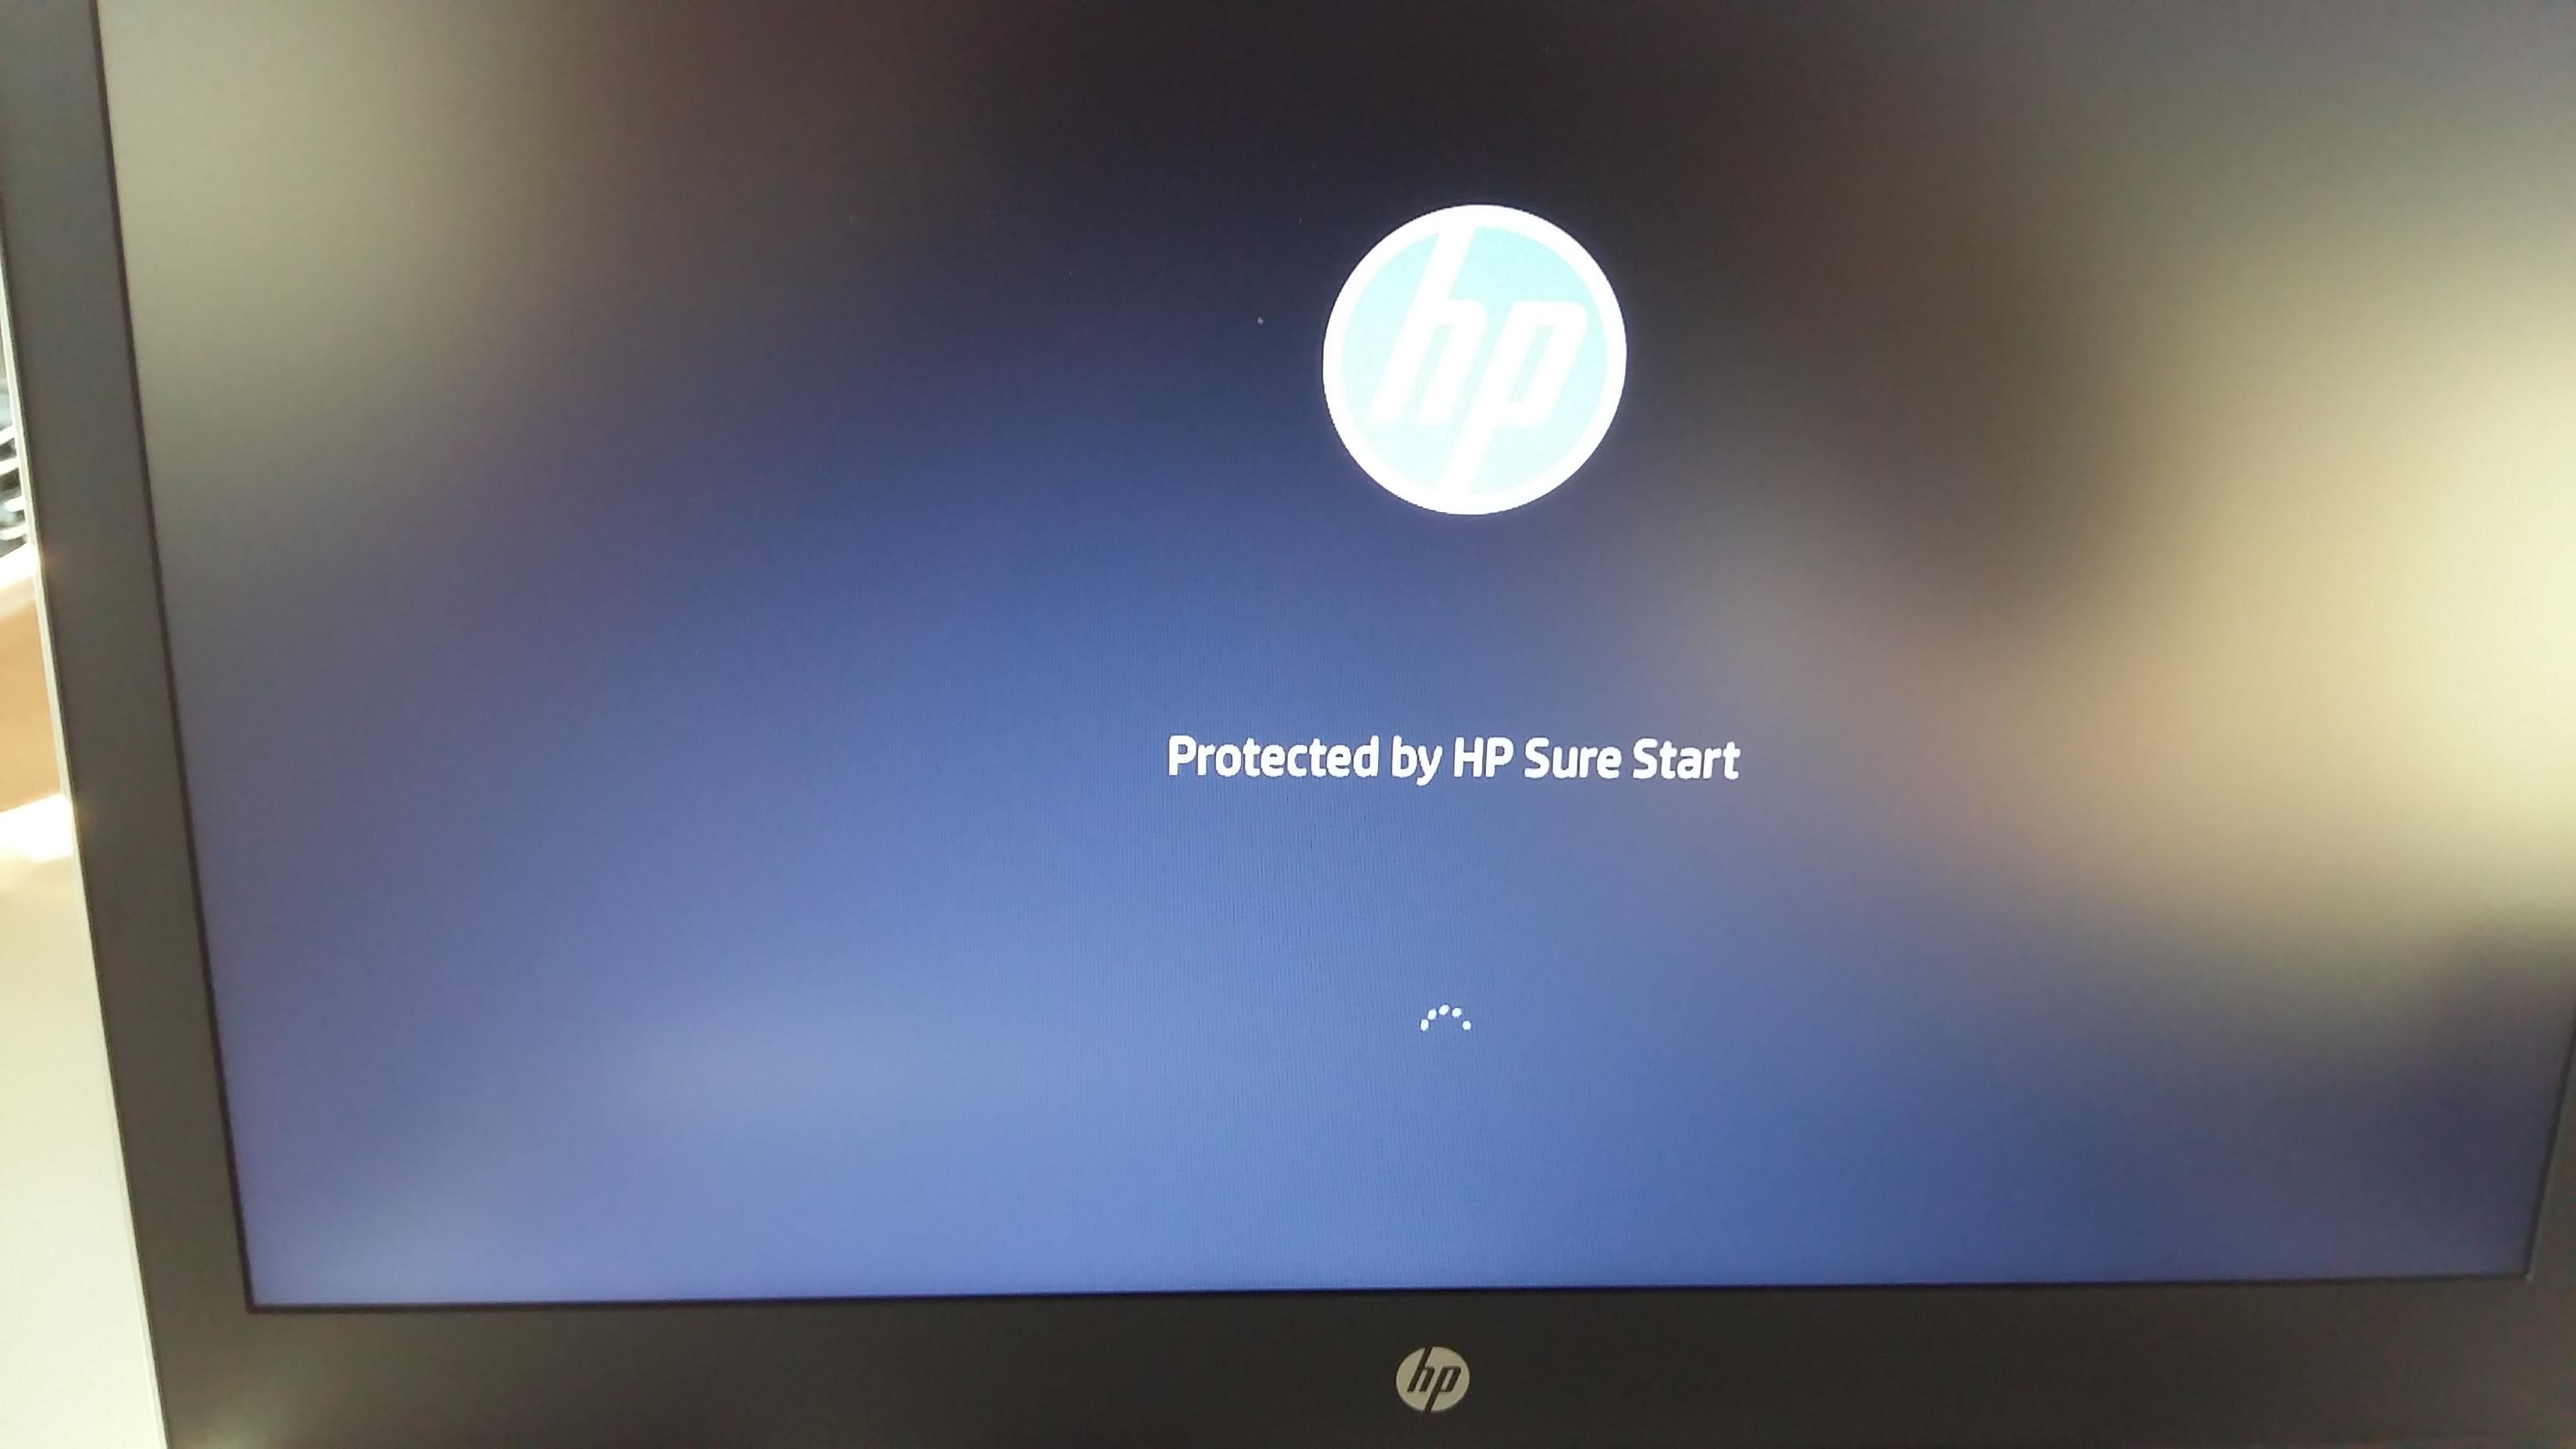 Notebook Stuck - HP logo screen - HP Support Community - 6965830